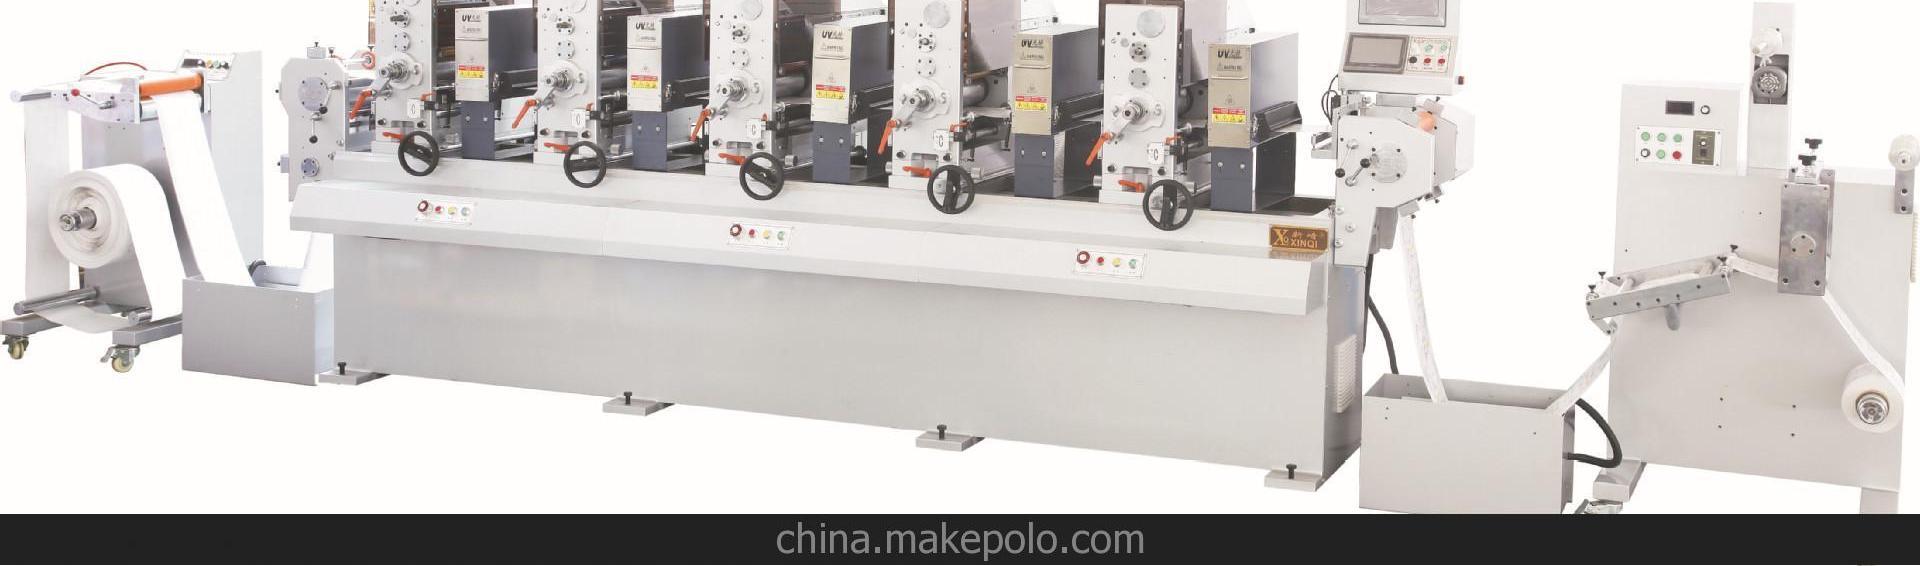 轮转印刷机_xq-ri320机组间竭式标签印刷机 轮转标签印刷机